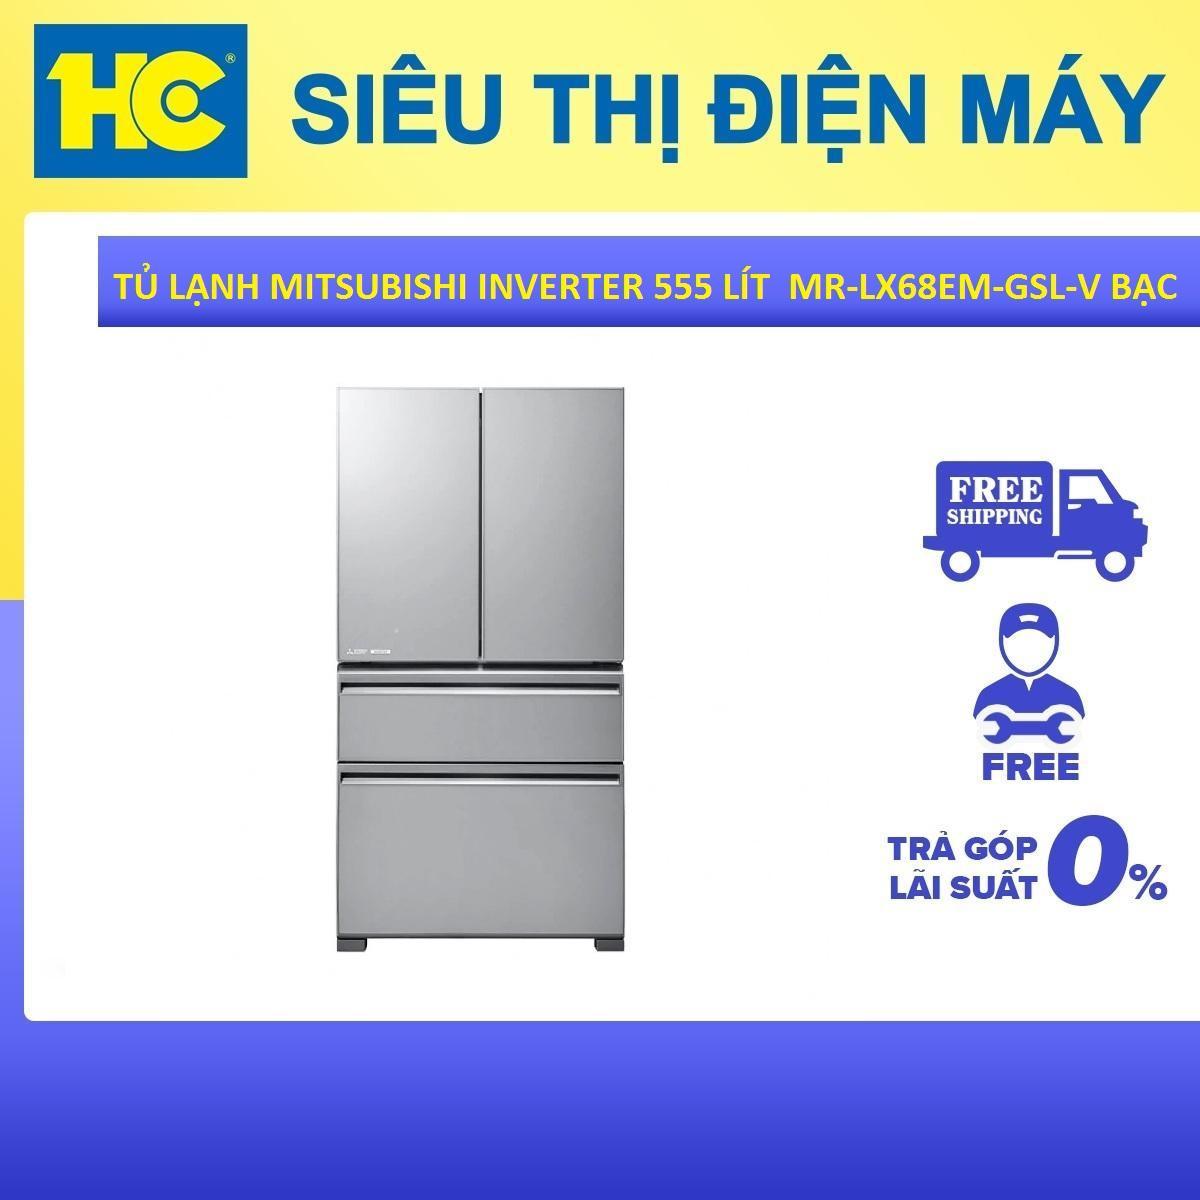 Bảng giá Tủ lạnh Mitsubishi MR-LX68EM-GSL-V Điện máy Pico